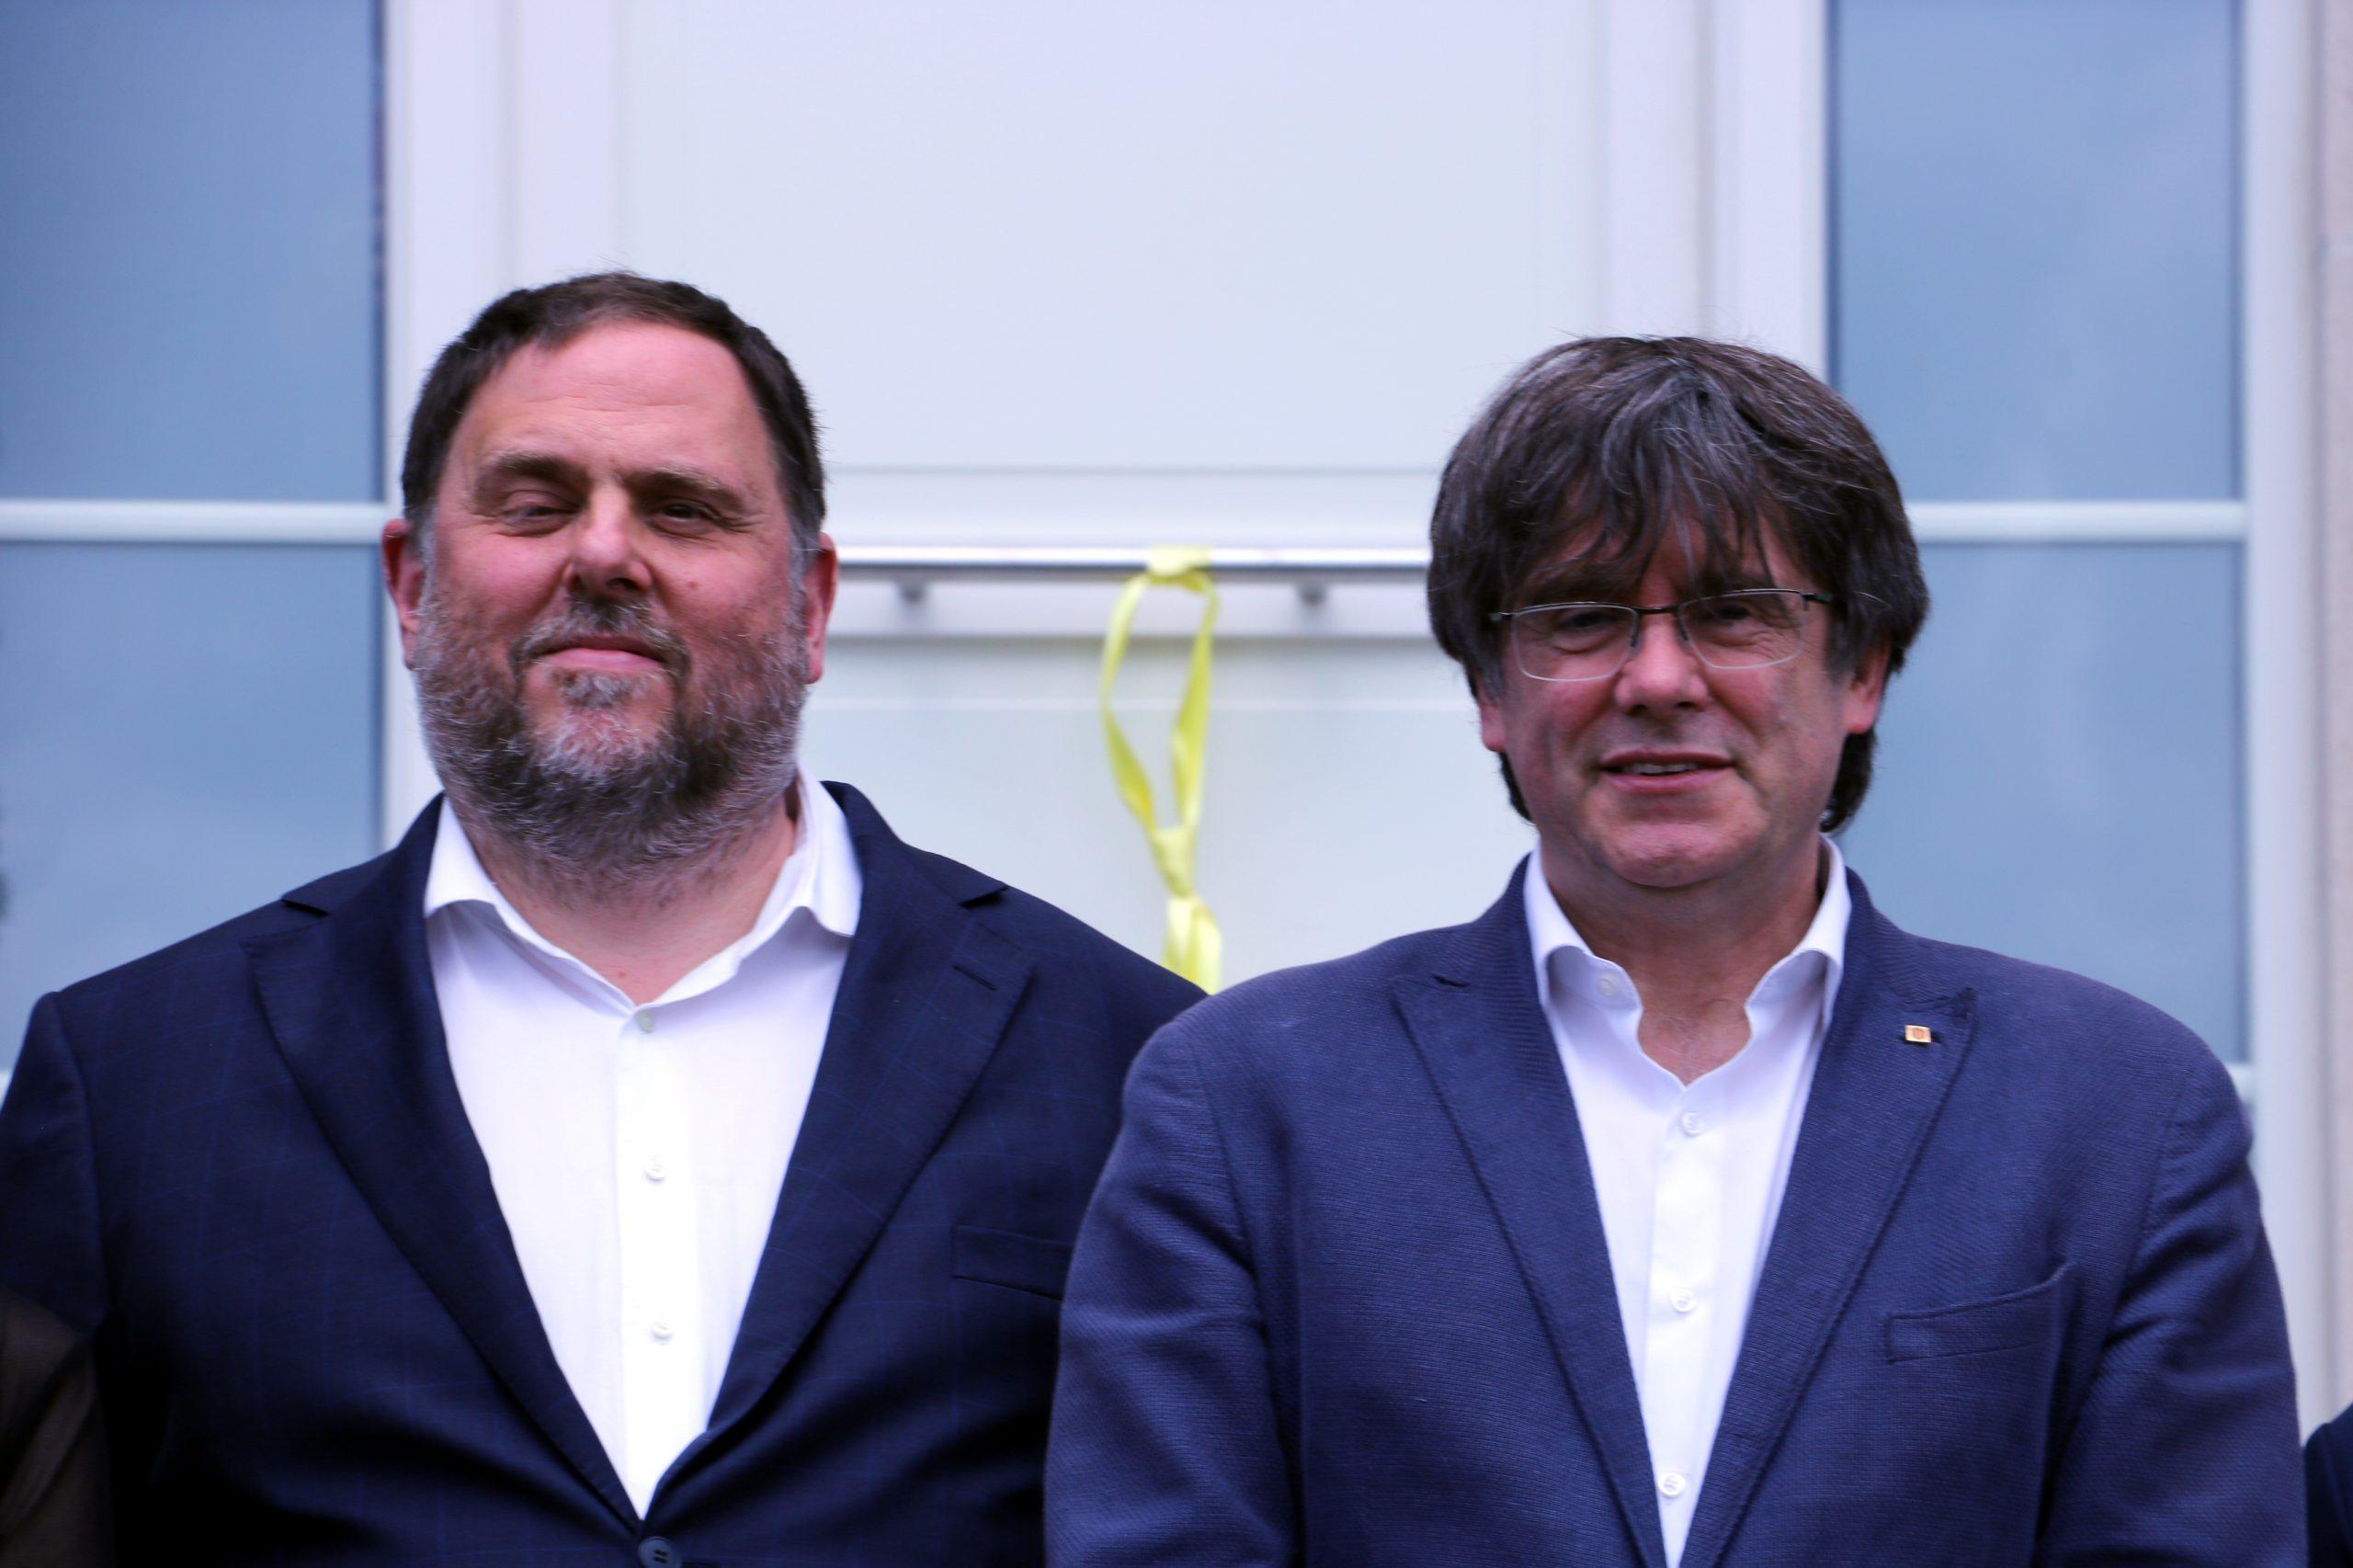 El líder d'ERC Oriol Junqueras i el líder de JxCat Carles Puigdemont a Waterloo, a Bèlgica, el 7 de juliol de 2021. / ACN